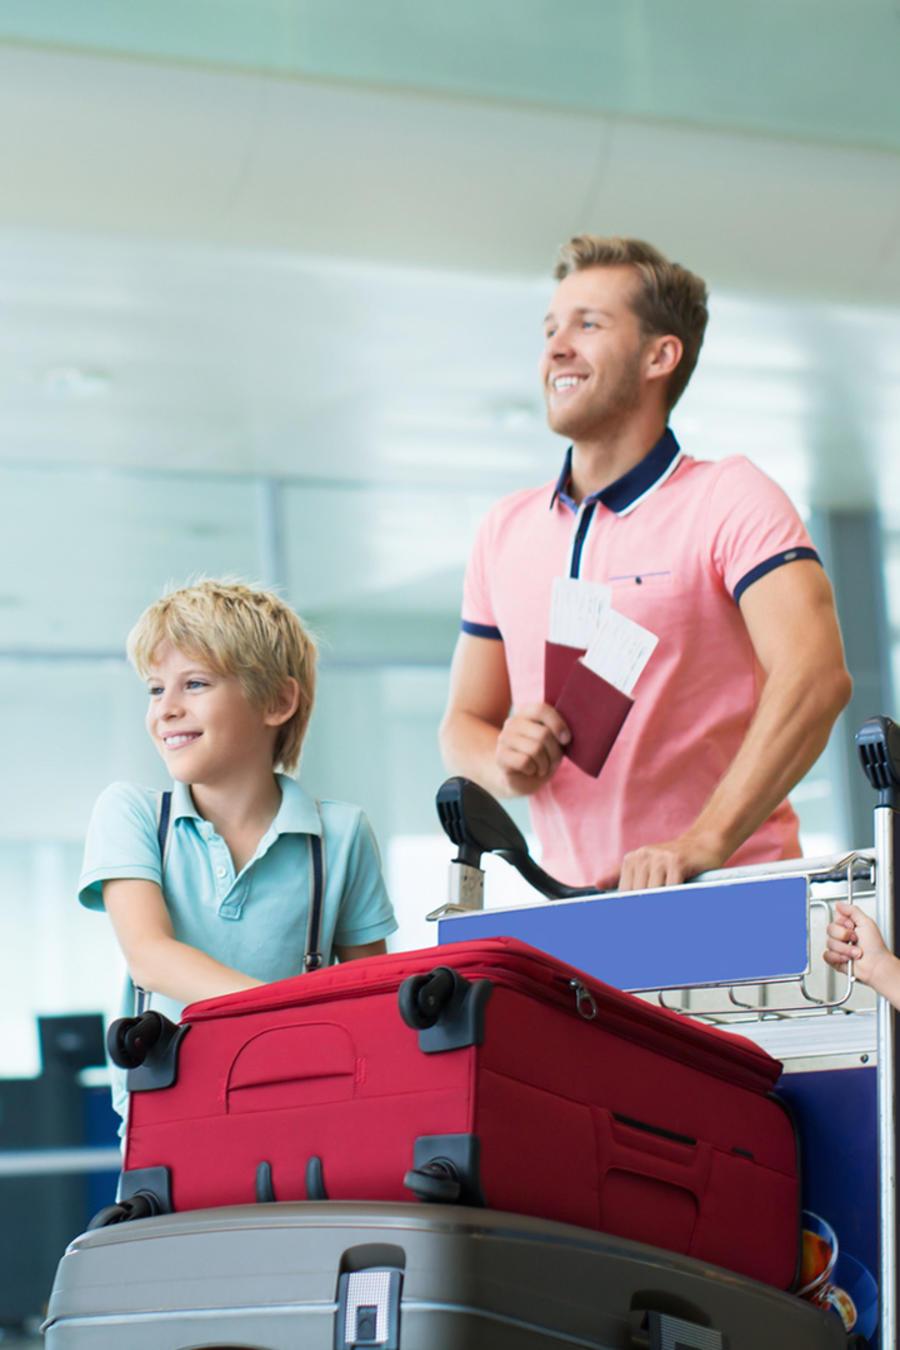 Familia con maletas en aeropuerto